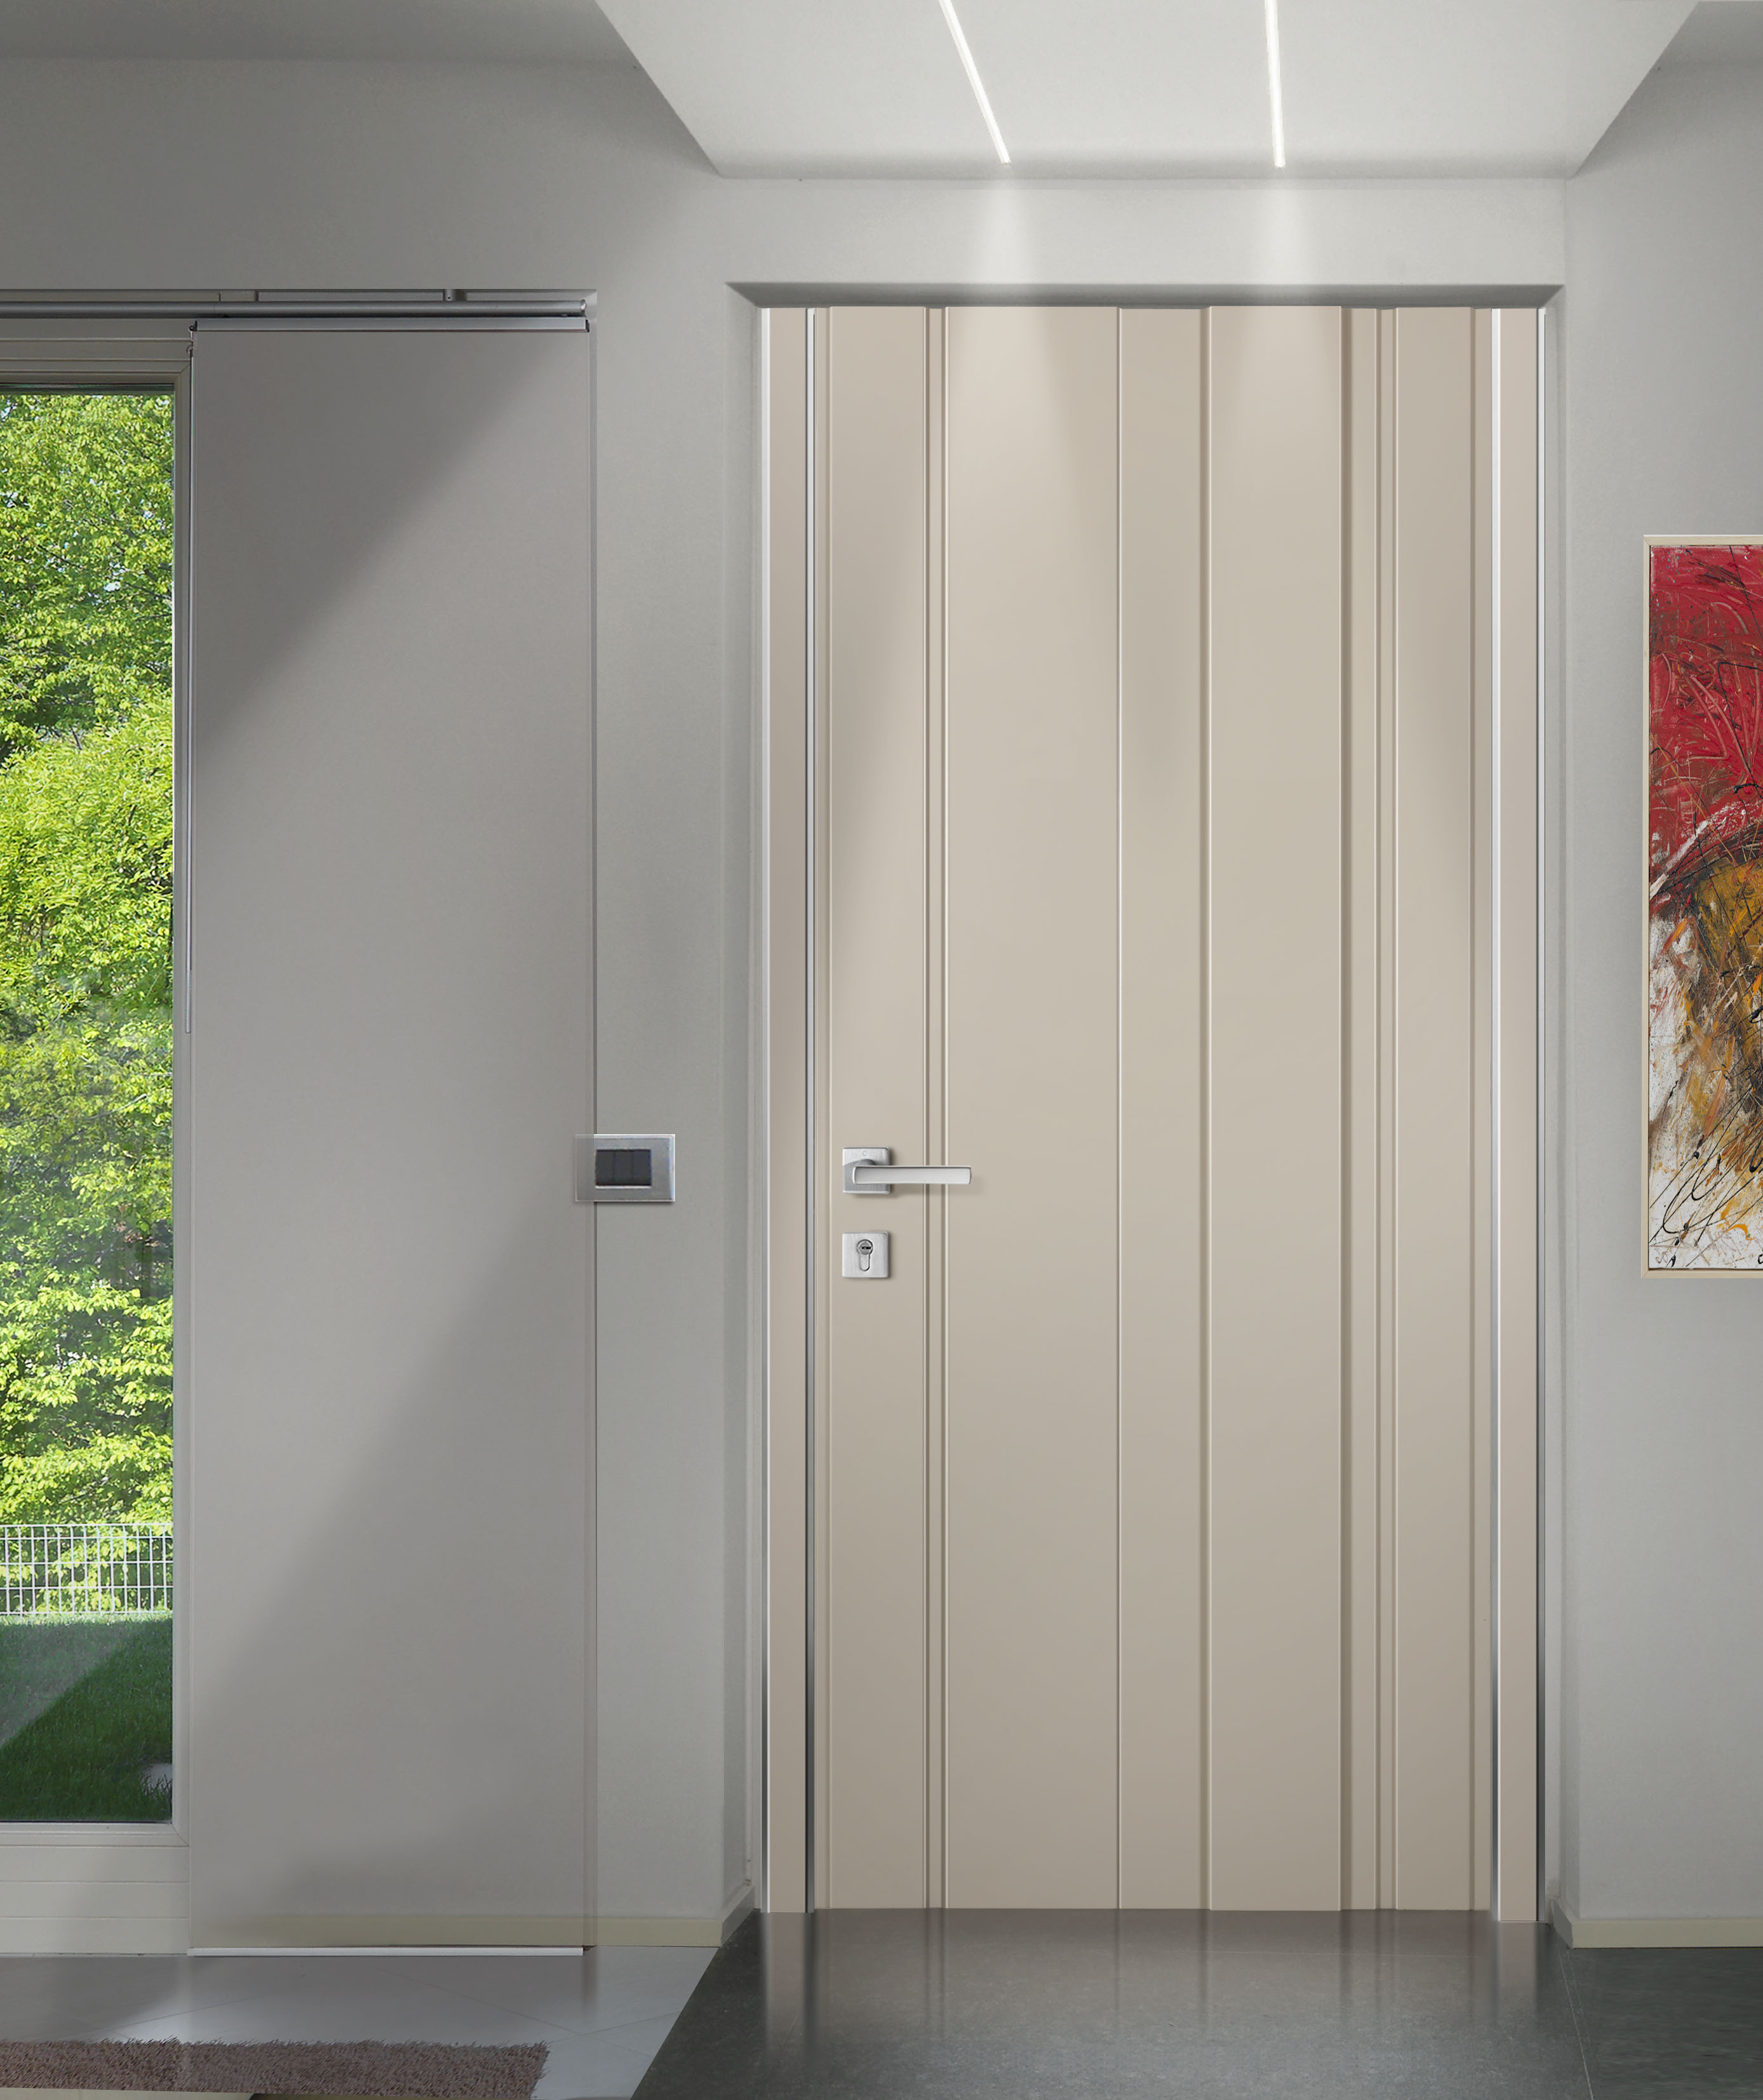 Porte blindate monza di fazio porte e finestre for Alias blindate